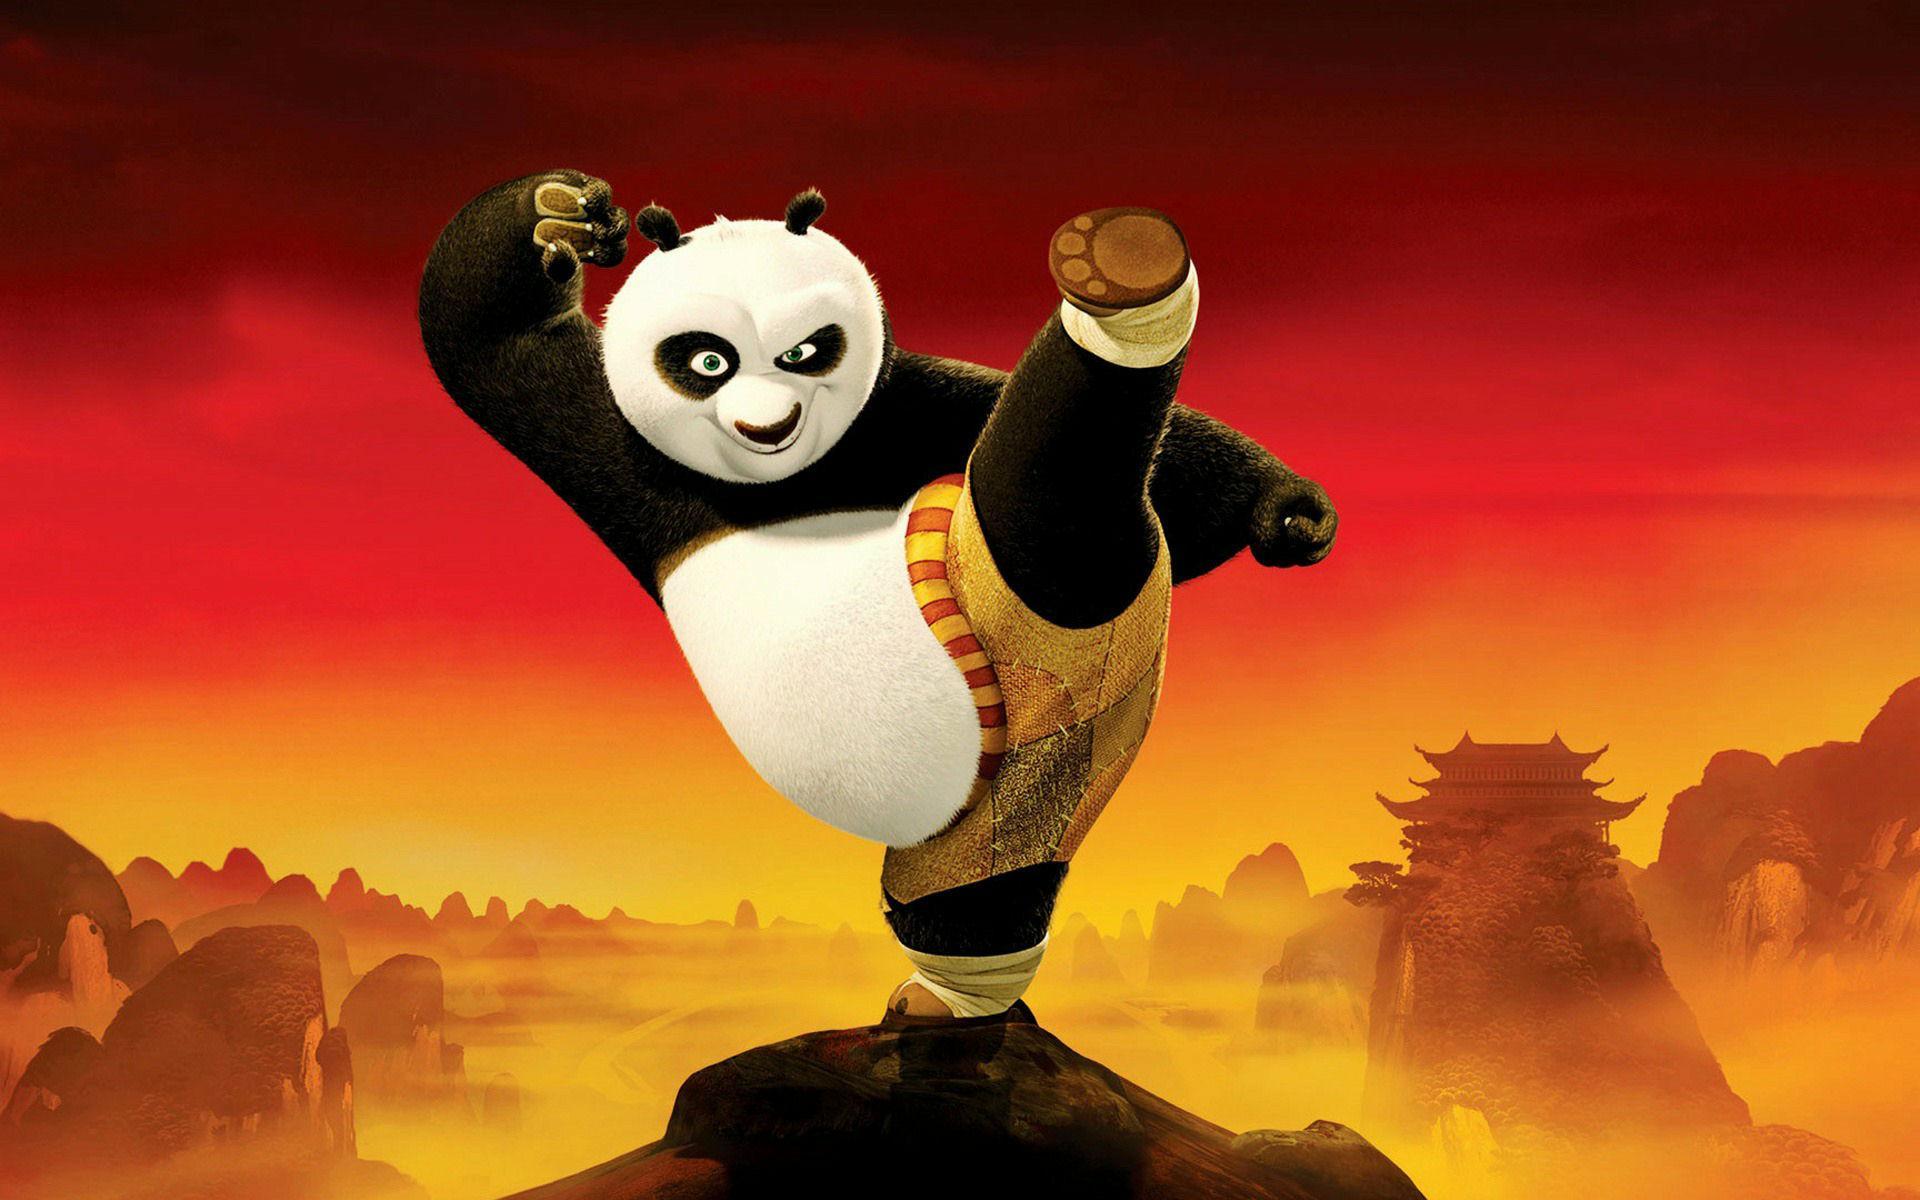 功夫熊猫[采样]